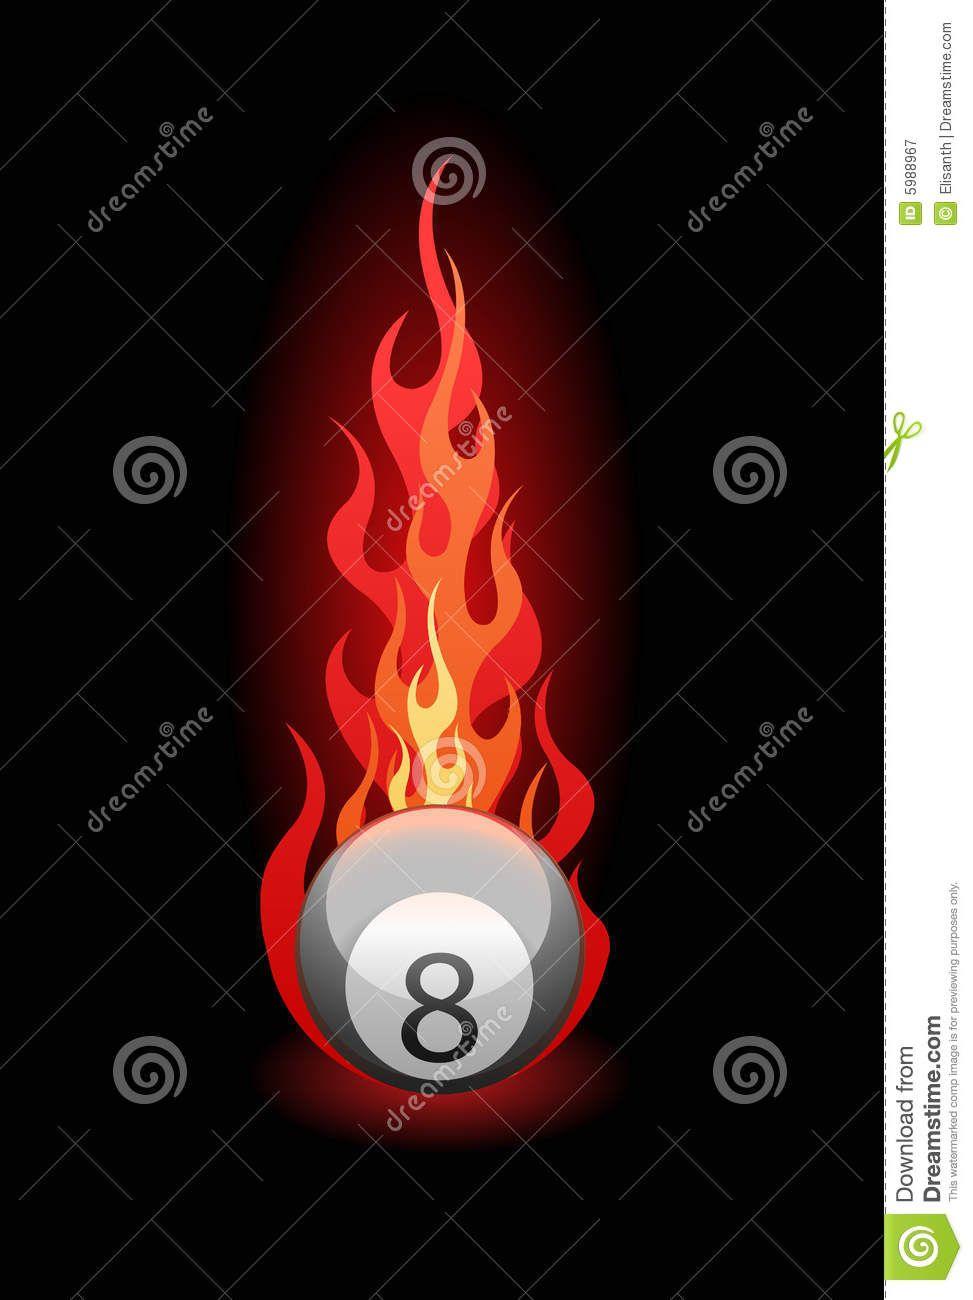 Una Bola De Fuego En La Vector Billar Ilustración Descarga QdCBthsorx